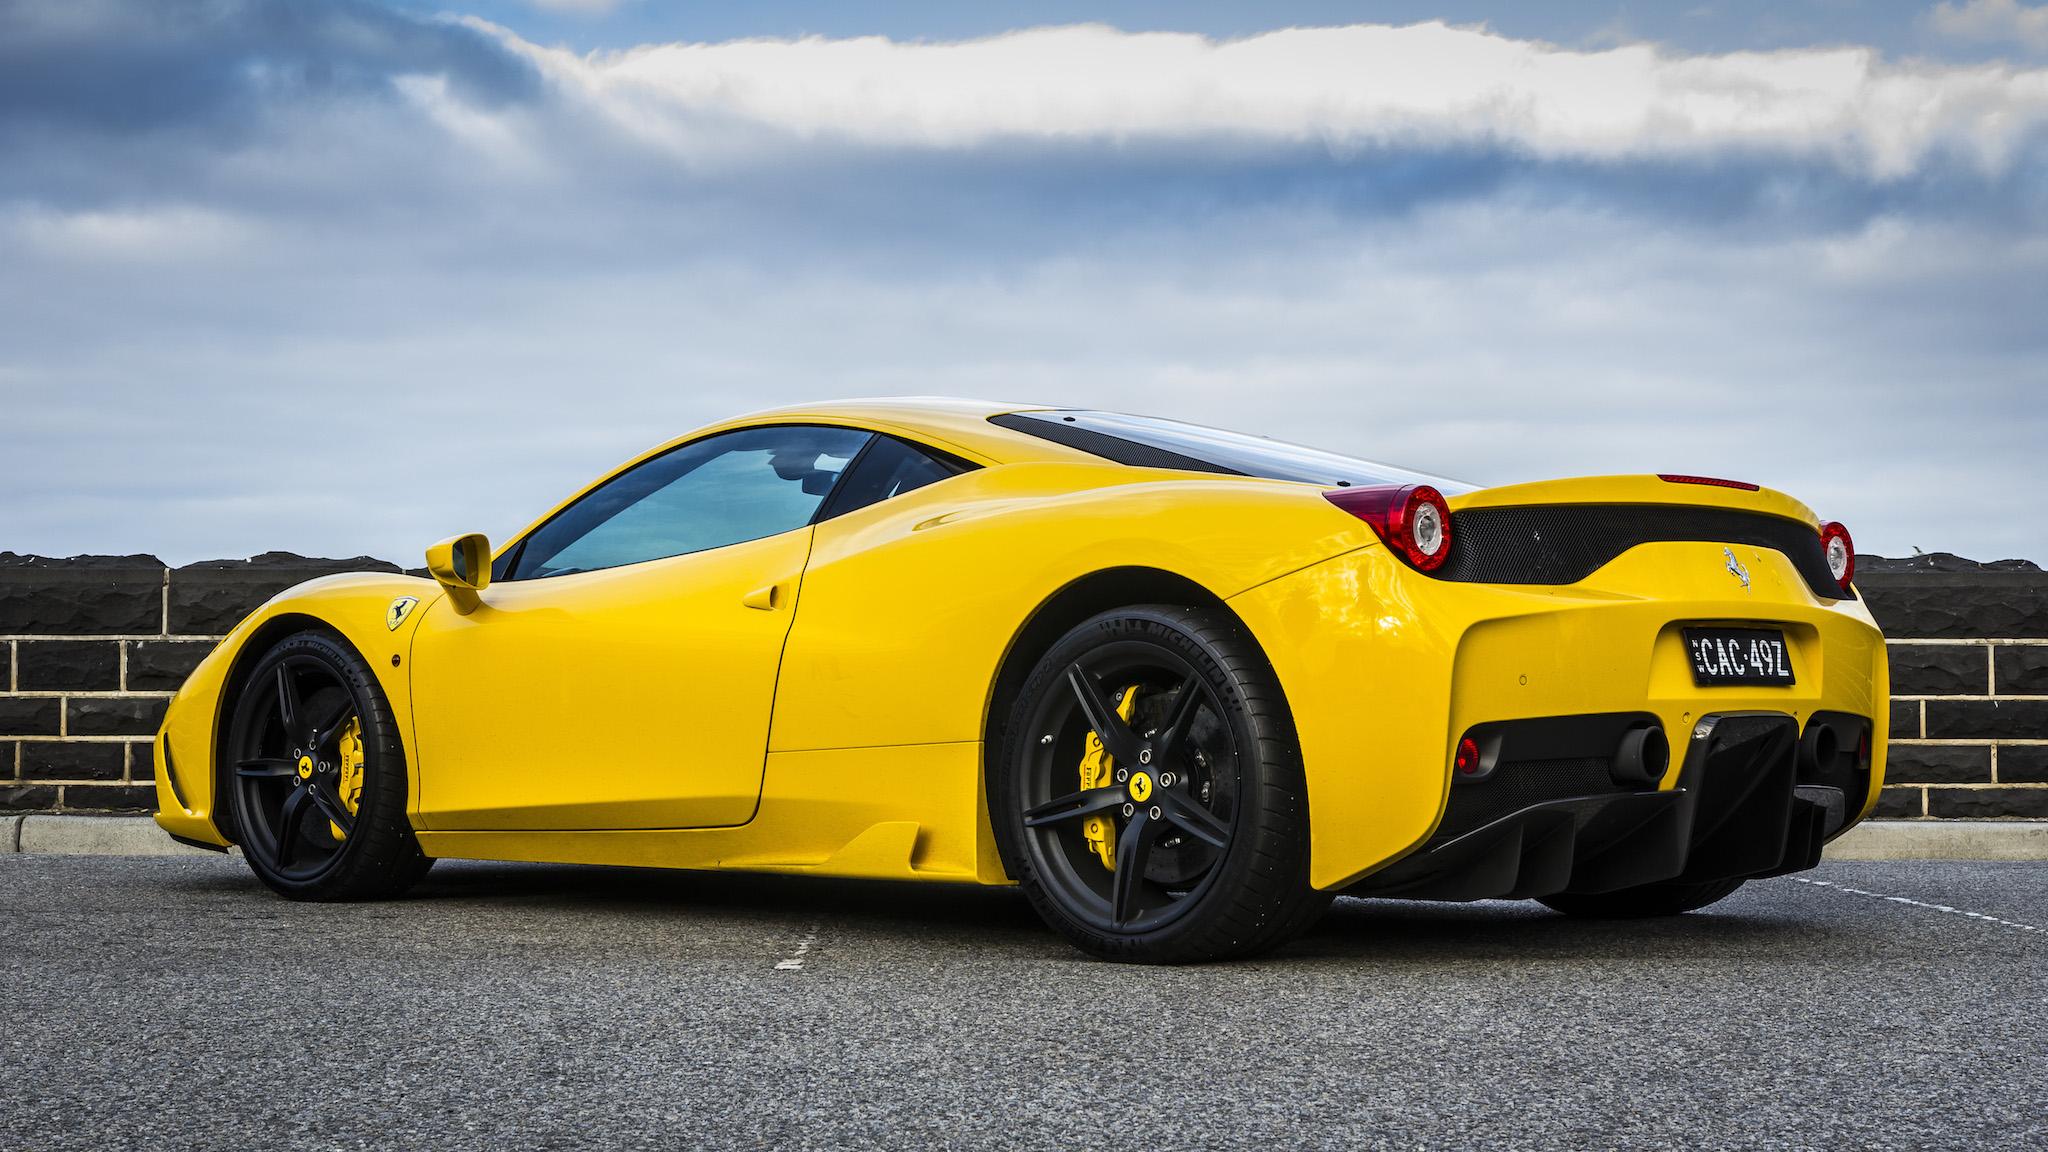 Ferrari New Models 2018 >> Ferrari 458 Speciale Review - photos | CarAdvice